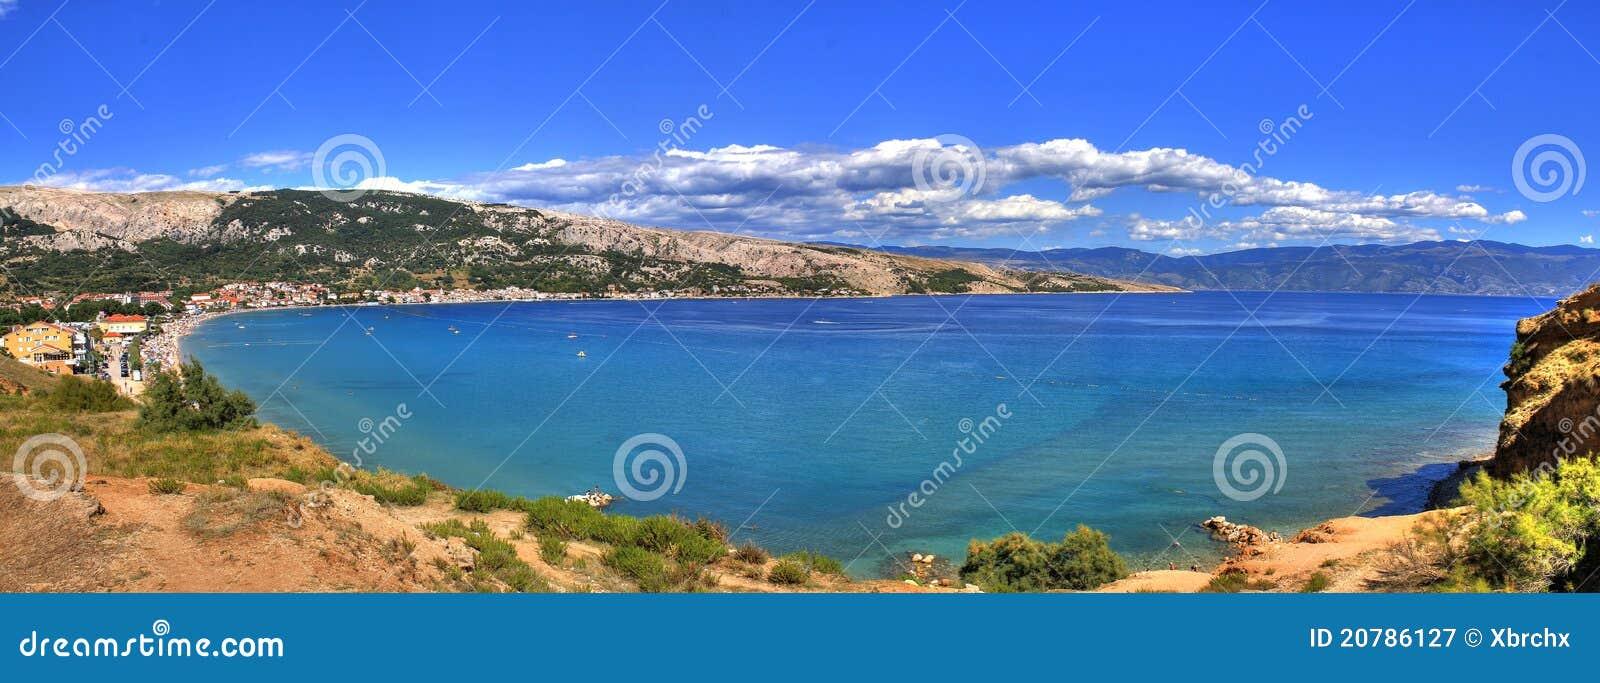 Baska海湾海滩美丽长